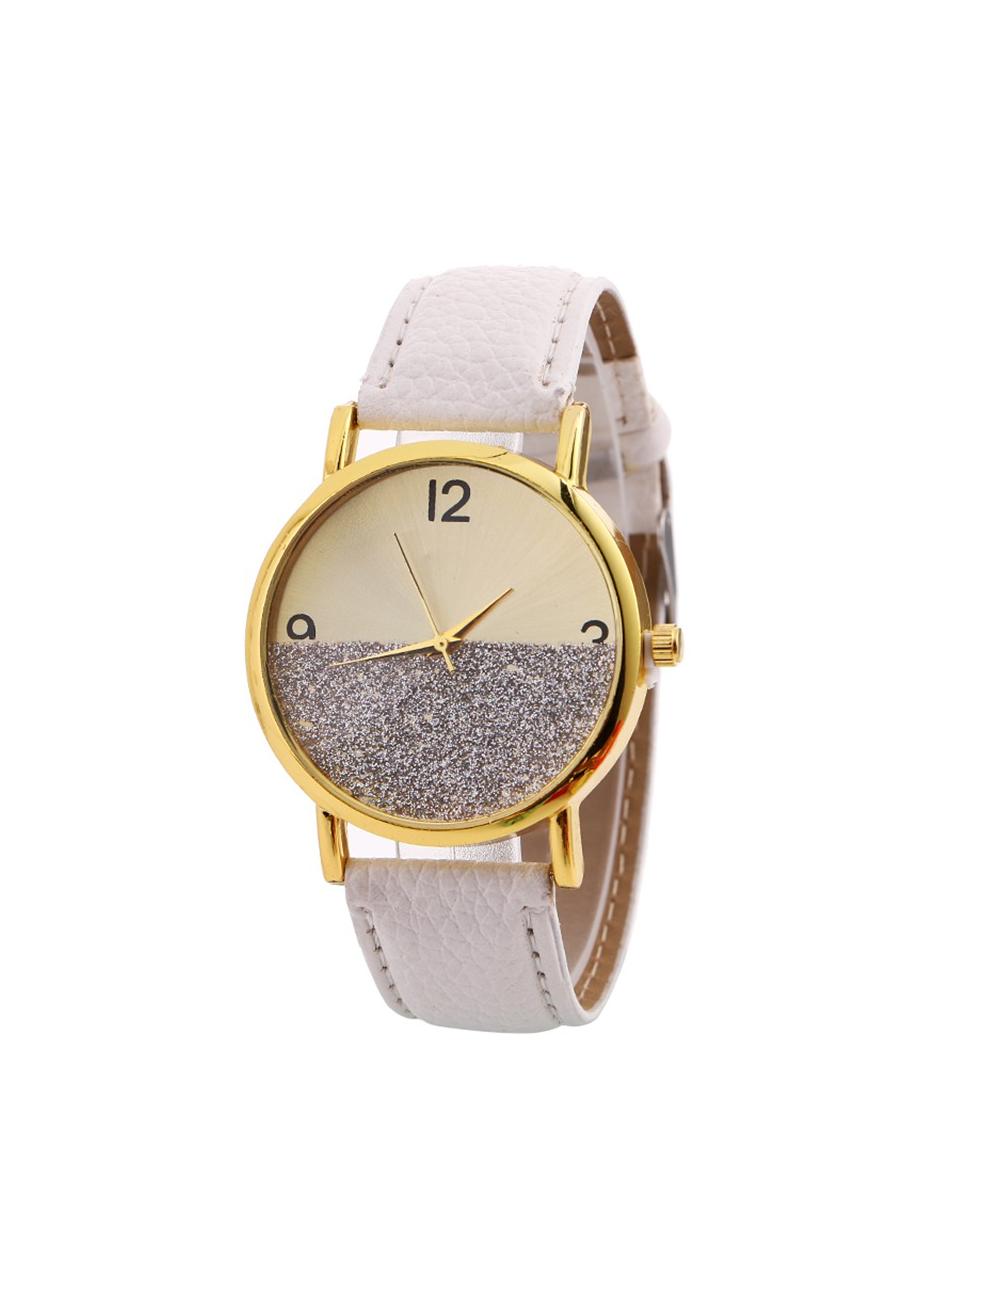 Reloj Dorado Dayoshop 31,900.00